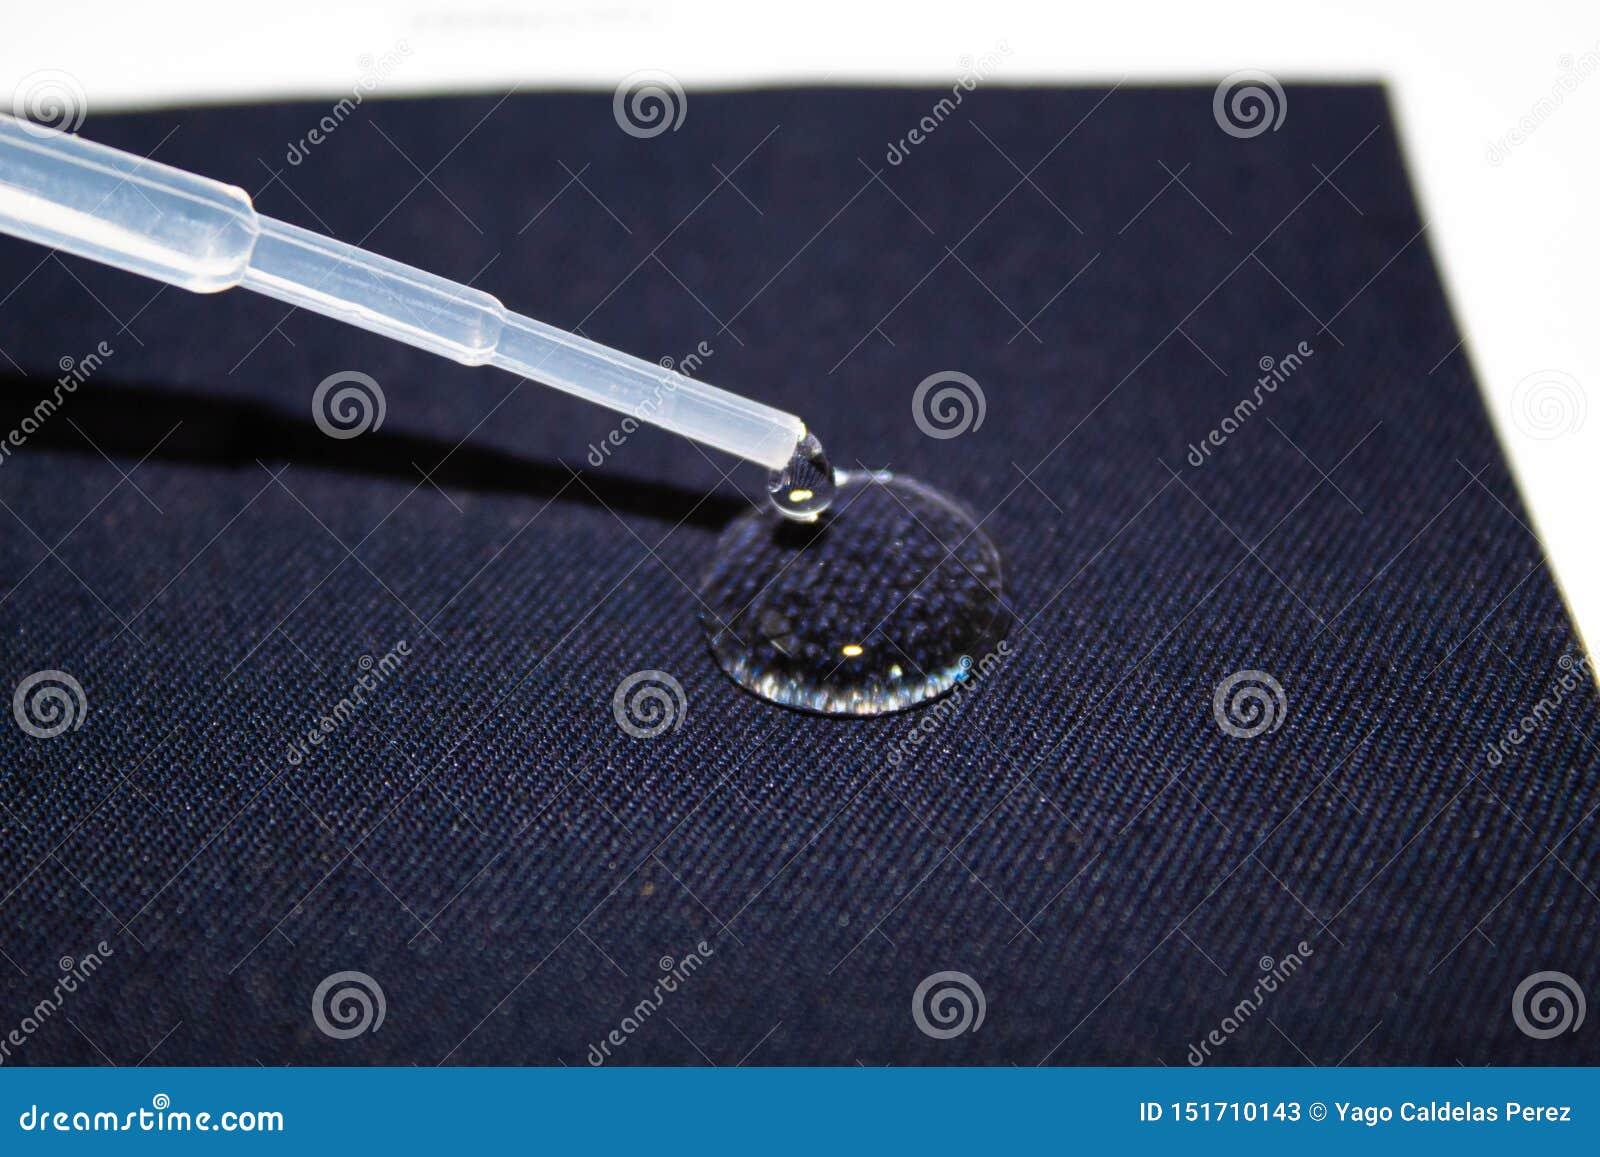 Gota da água em uma parte de tela